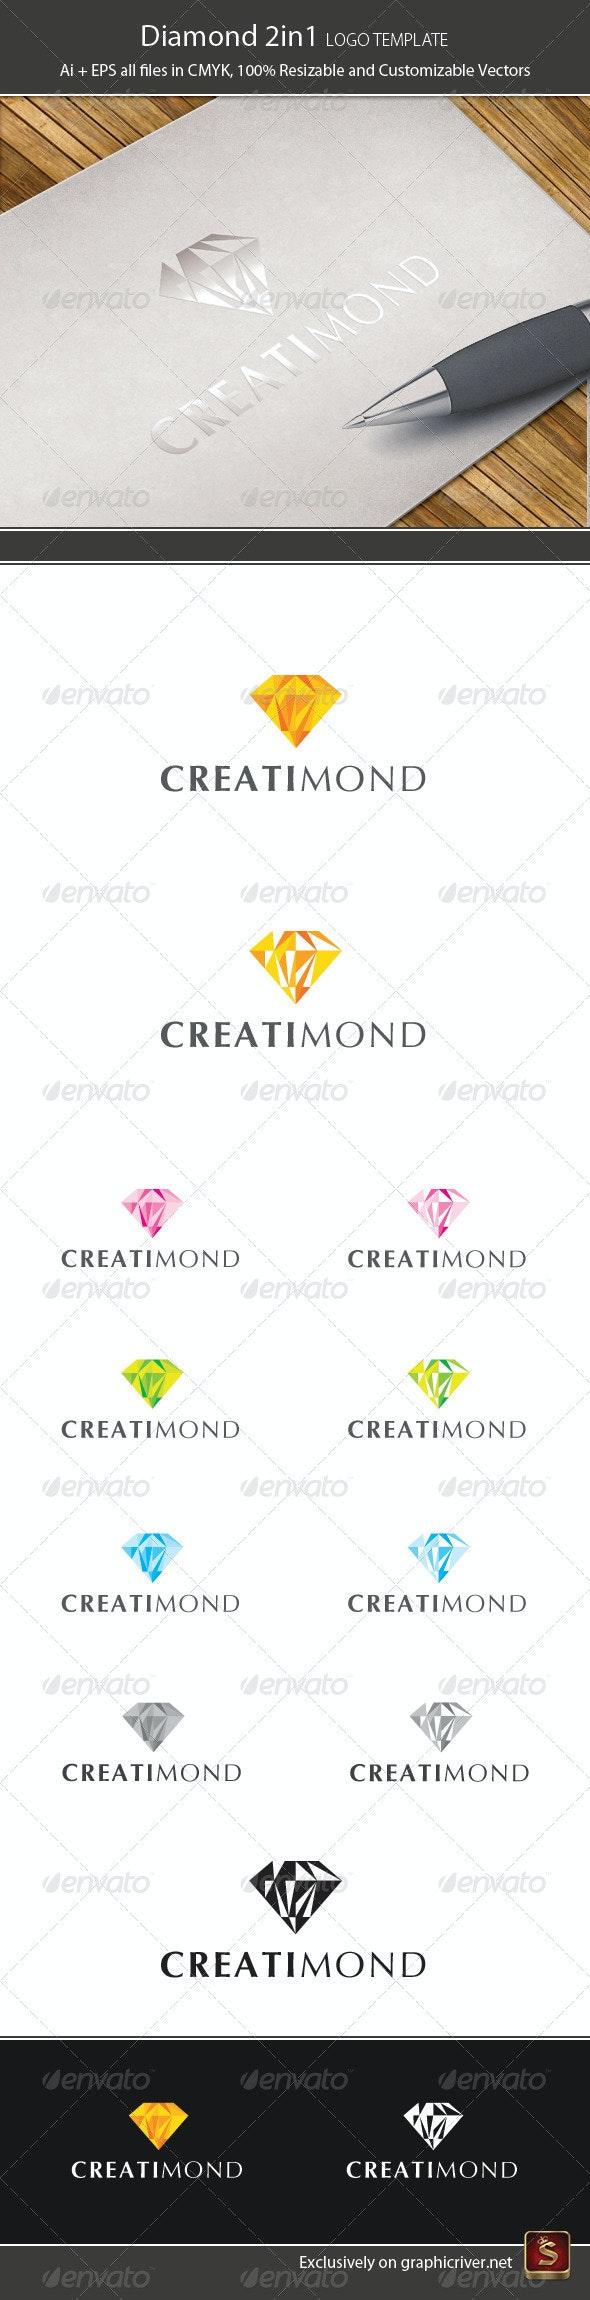 Diamond 2in1 Logo Template - Vector Abstract